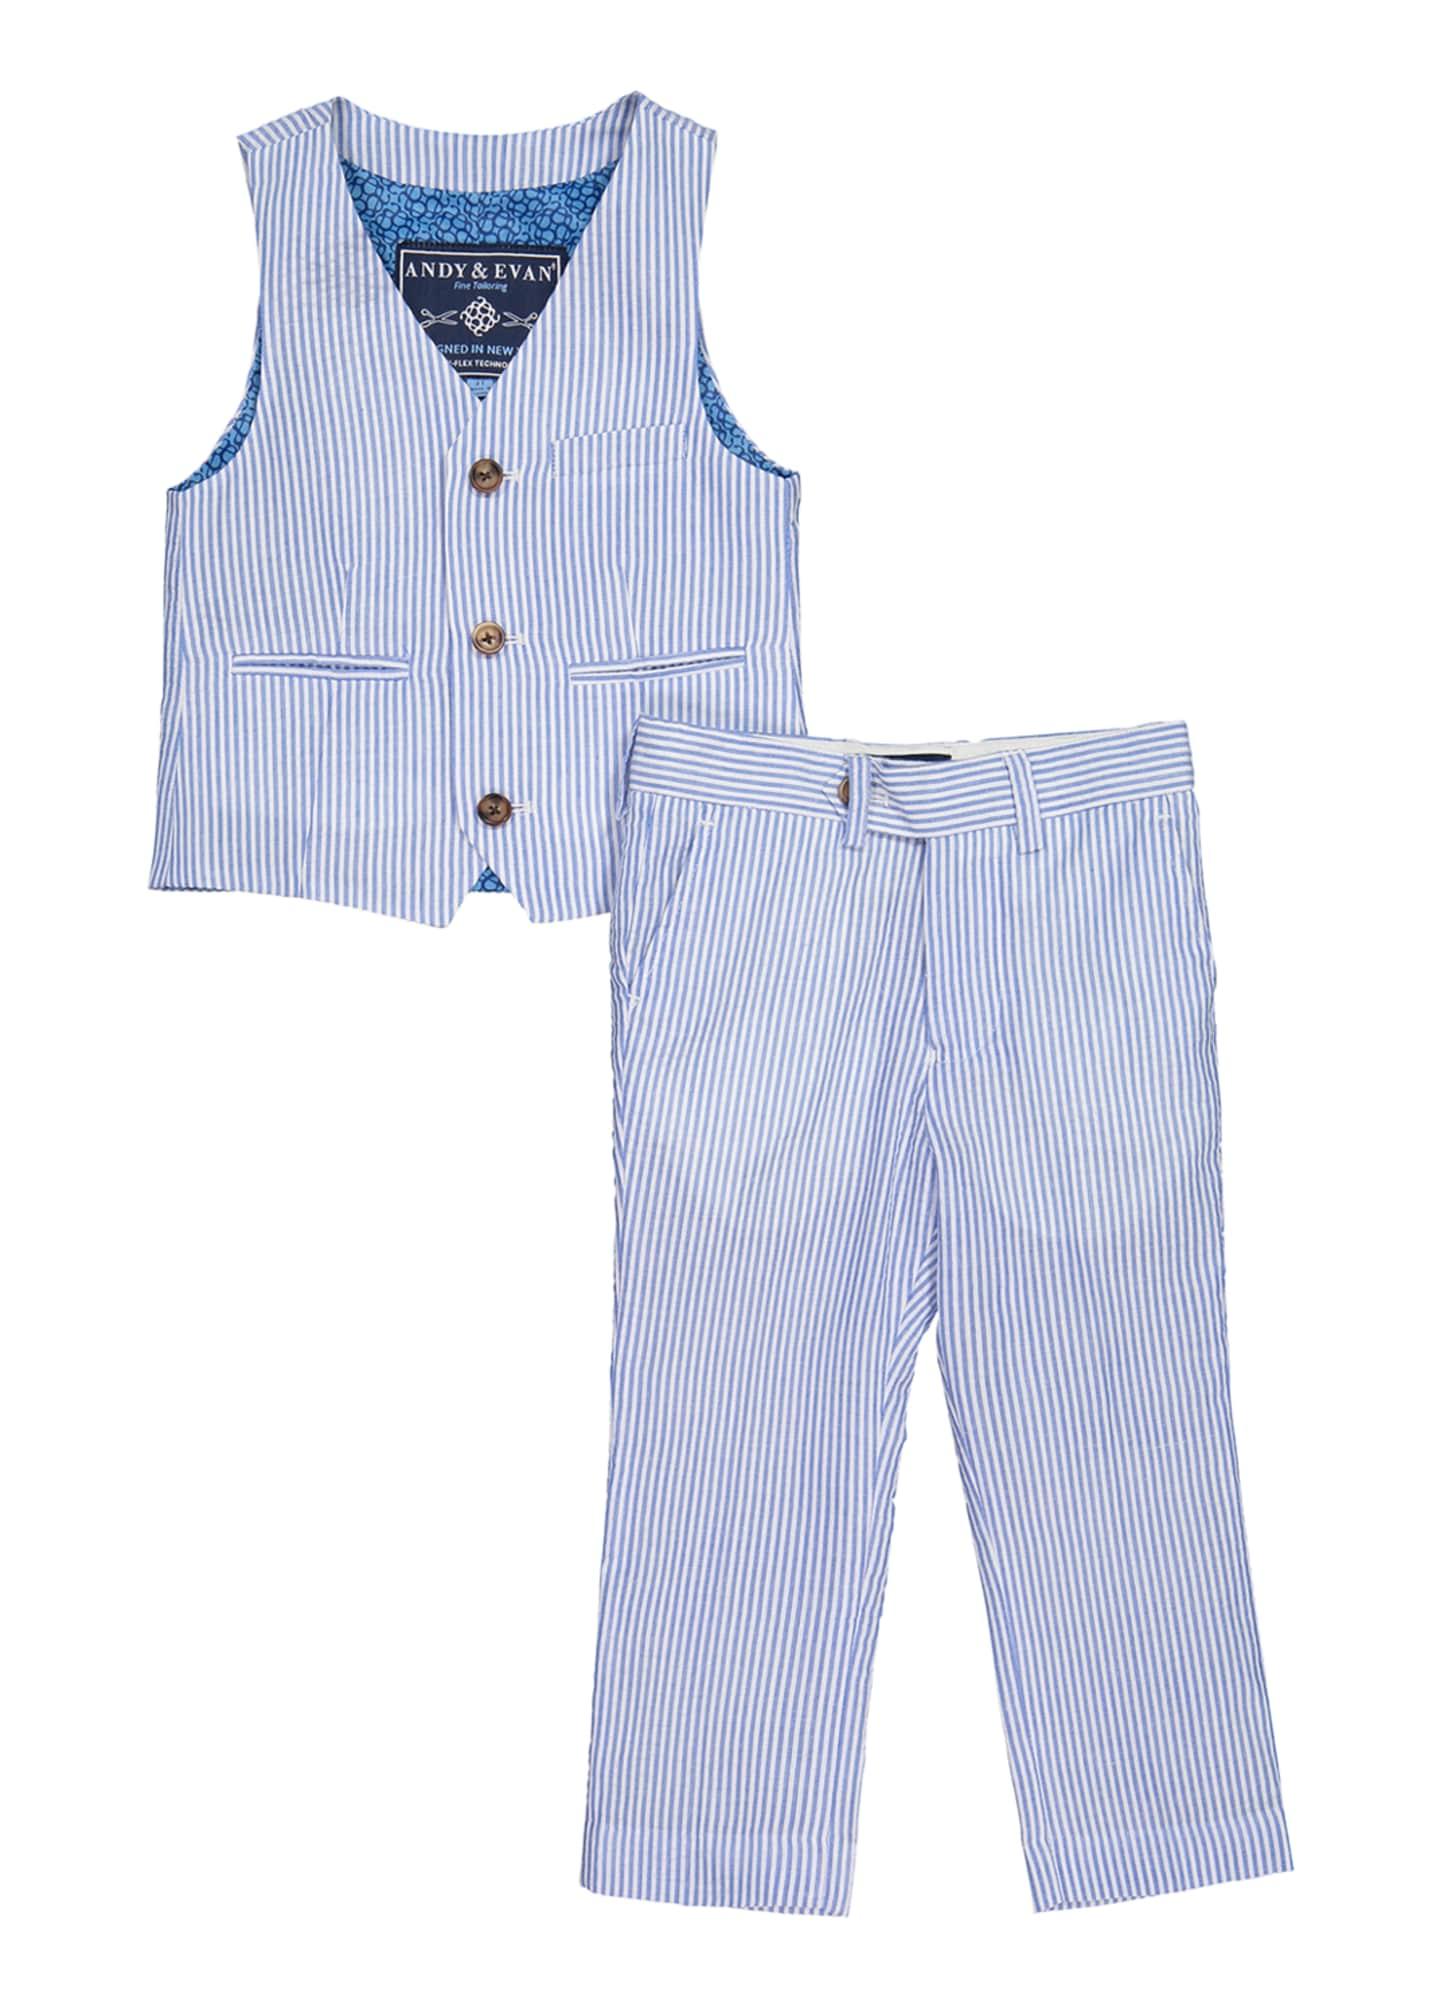 Andy & Evan Seersucker Suiting Vest w/ Matching